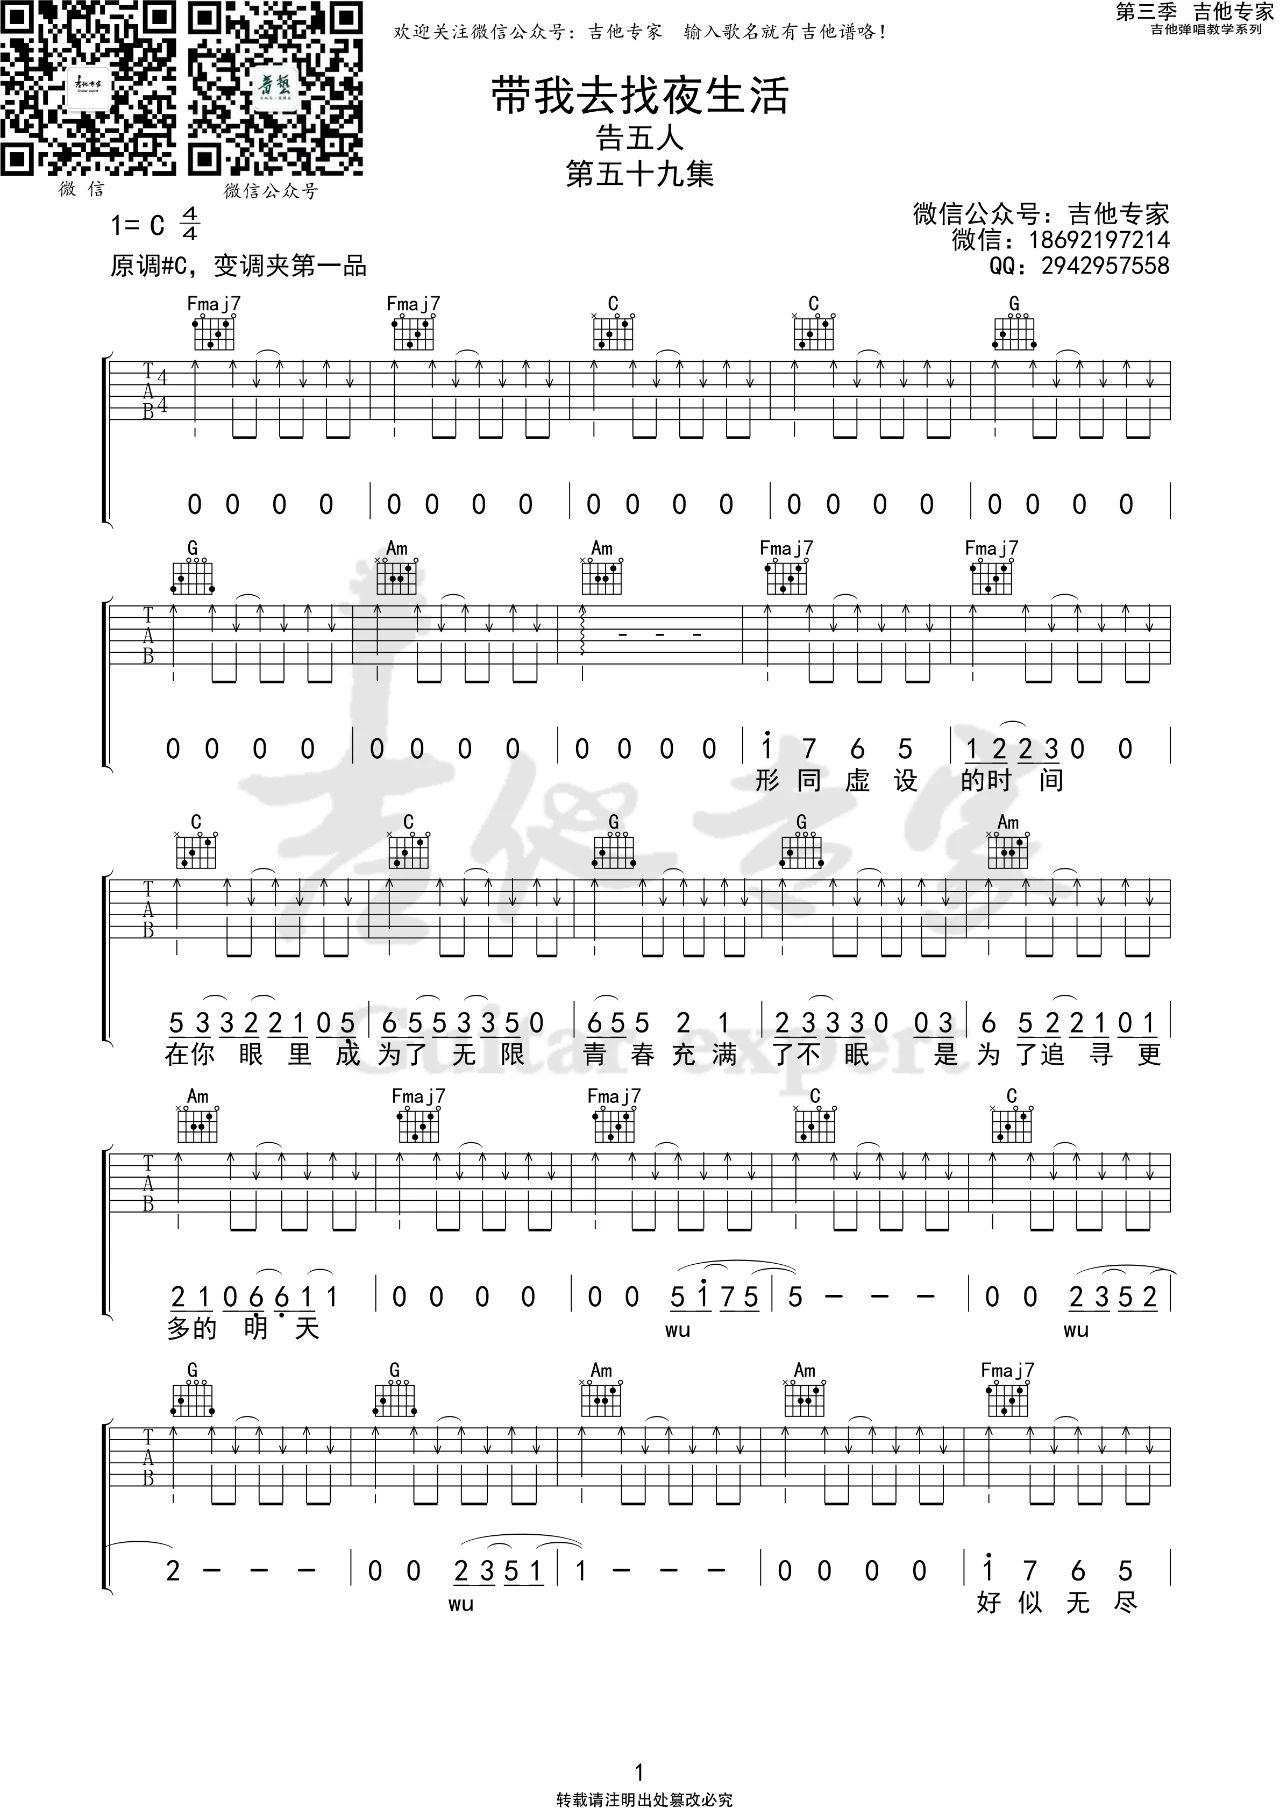 吉他派《带我去找夜生活》吉他谱-1